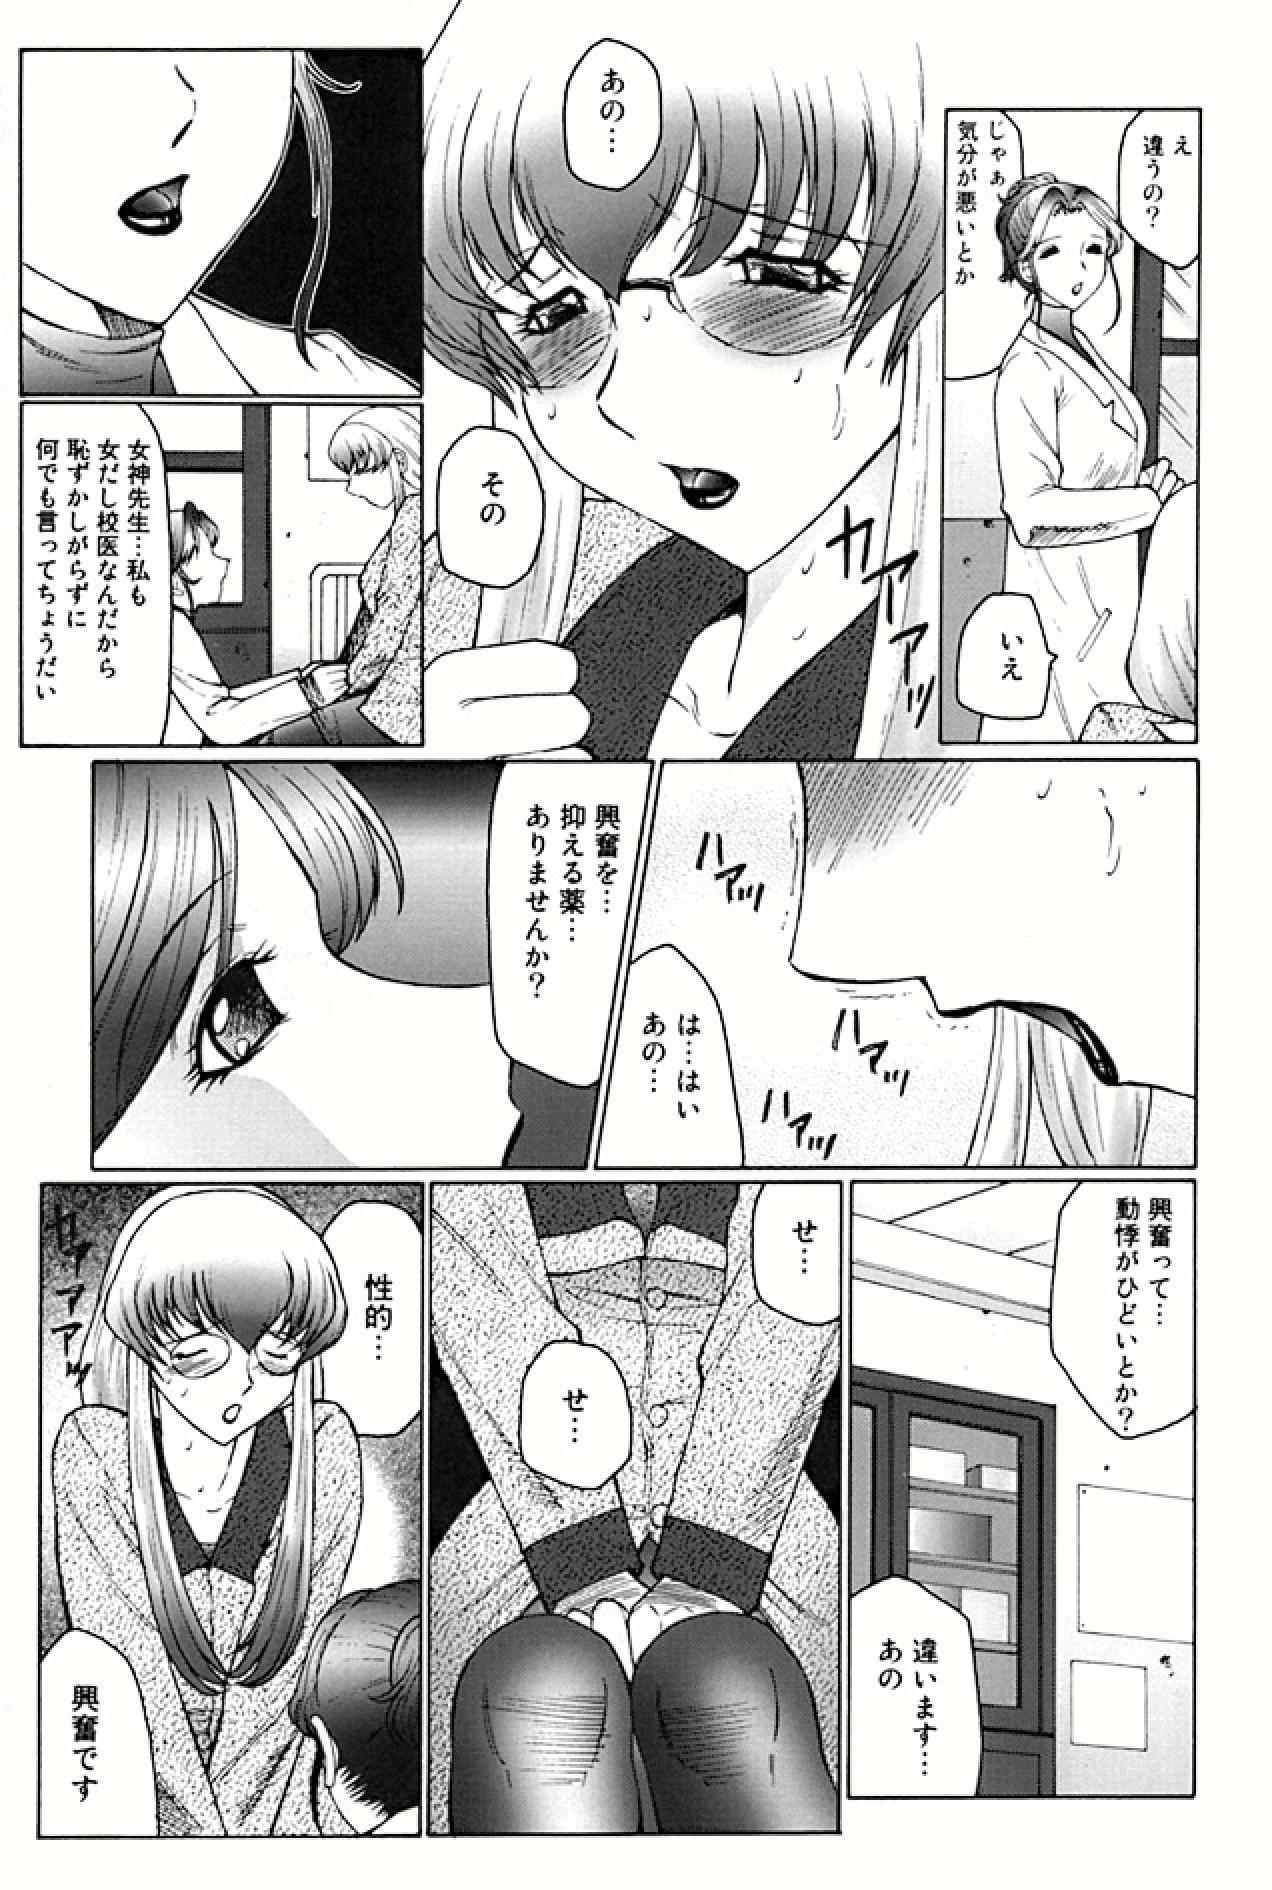 Futagami - Futanari Onna Kyoushi Zecchou Hiroku 10